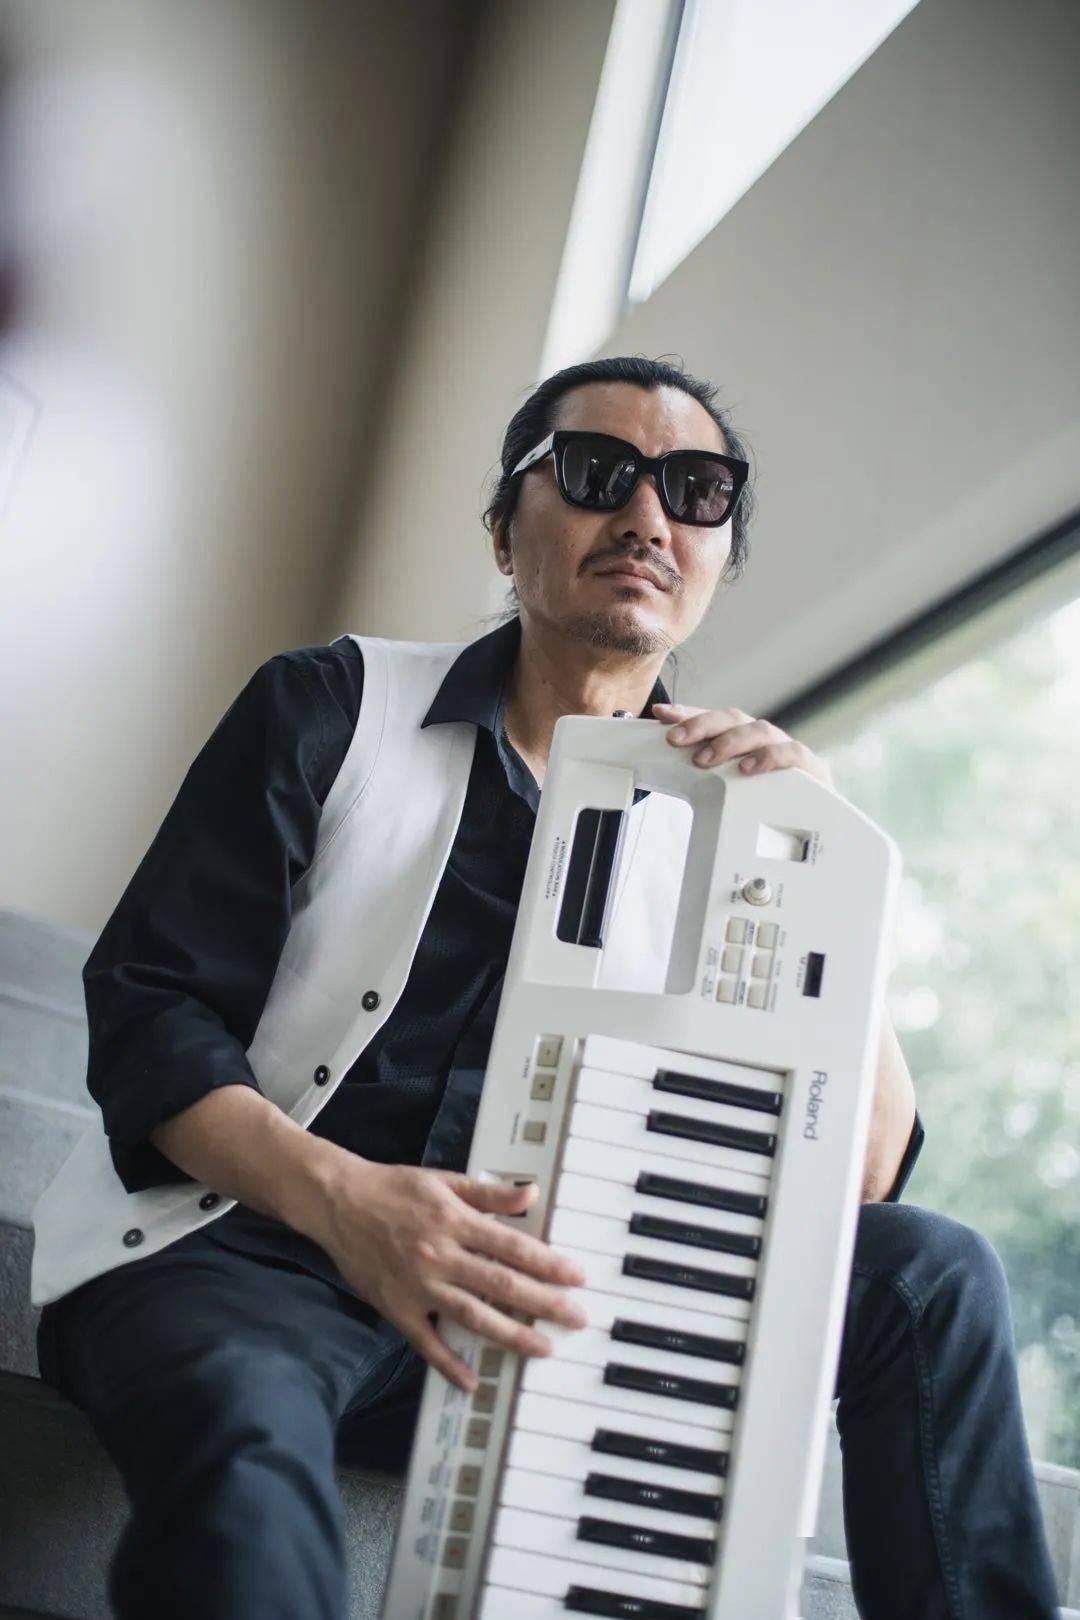 爵士钢琴家朱蟒《Flying 飞行》同名主打单曲MV上线!